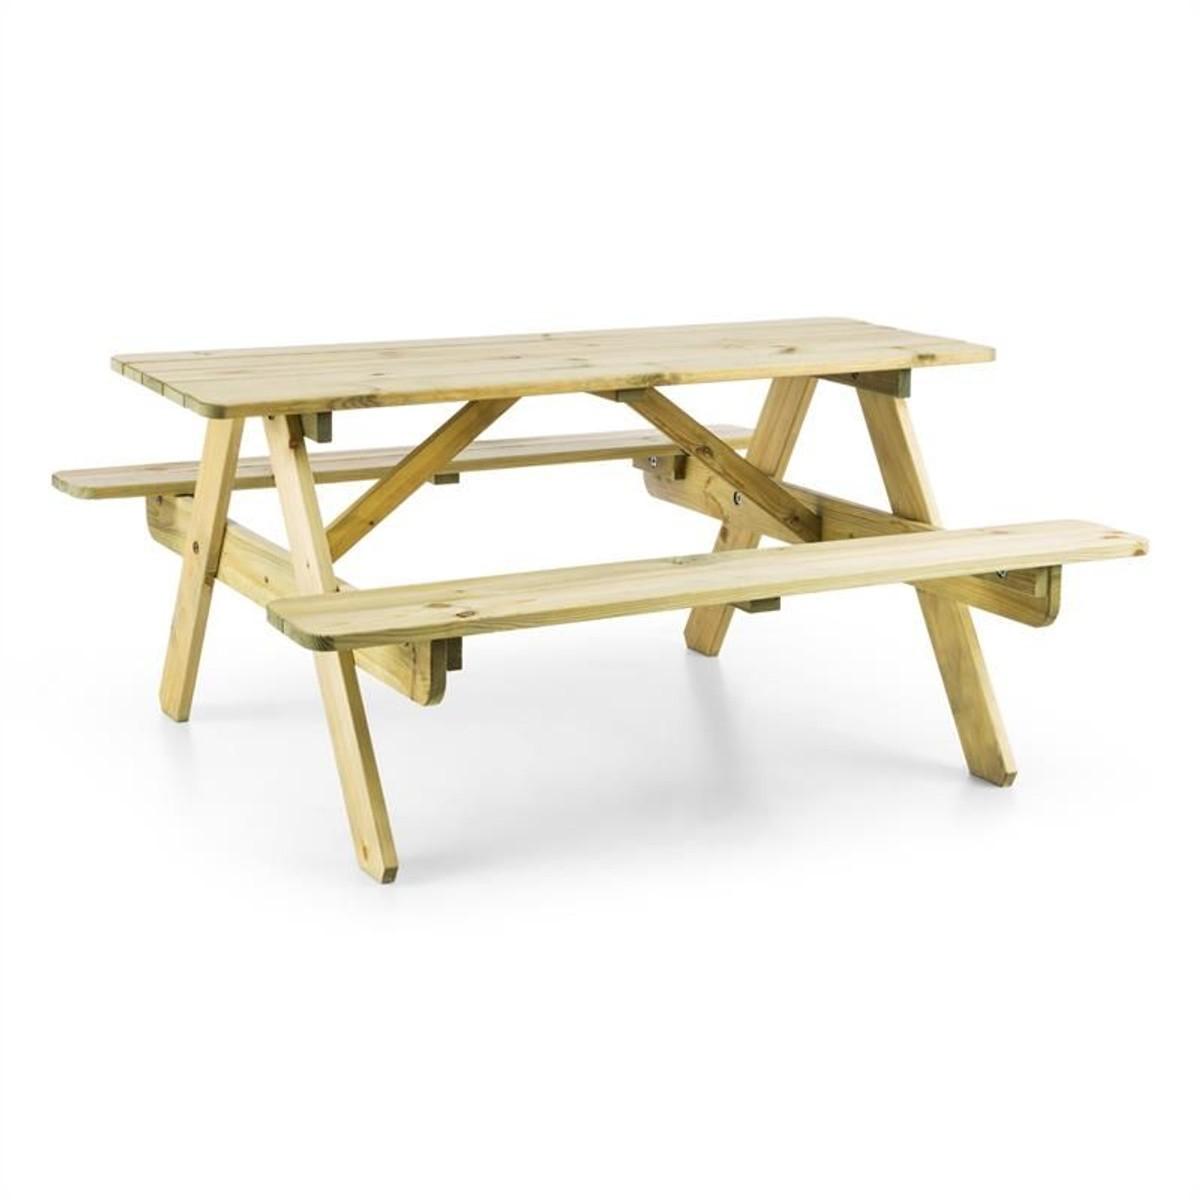 Table De Pique-Nique Avec Banc Meuble Jardin Pour Enfants ... intérieur Table Jardin Bois Enfant